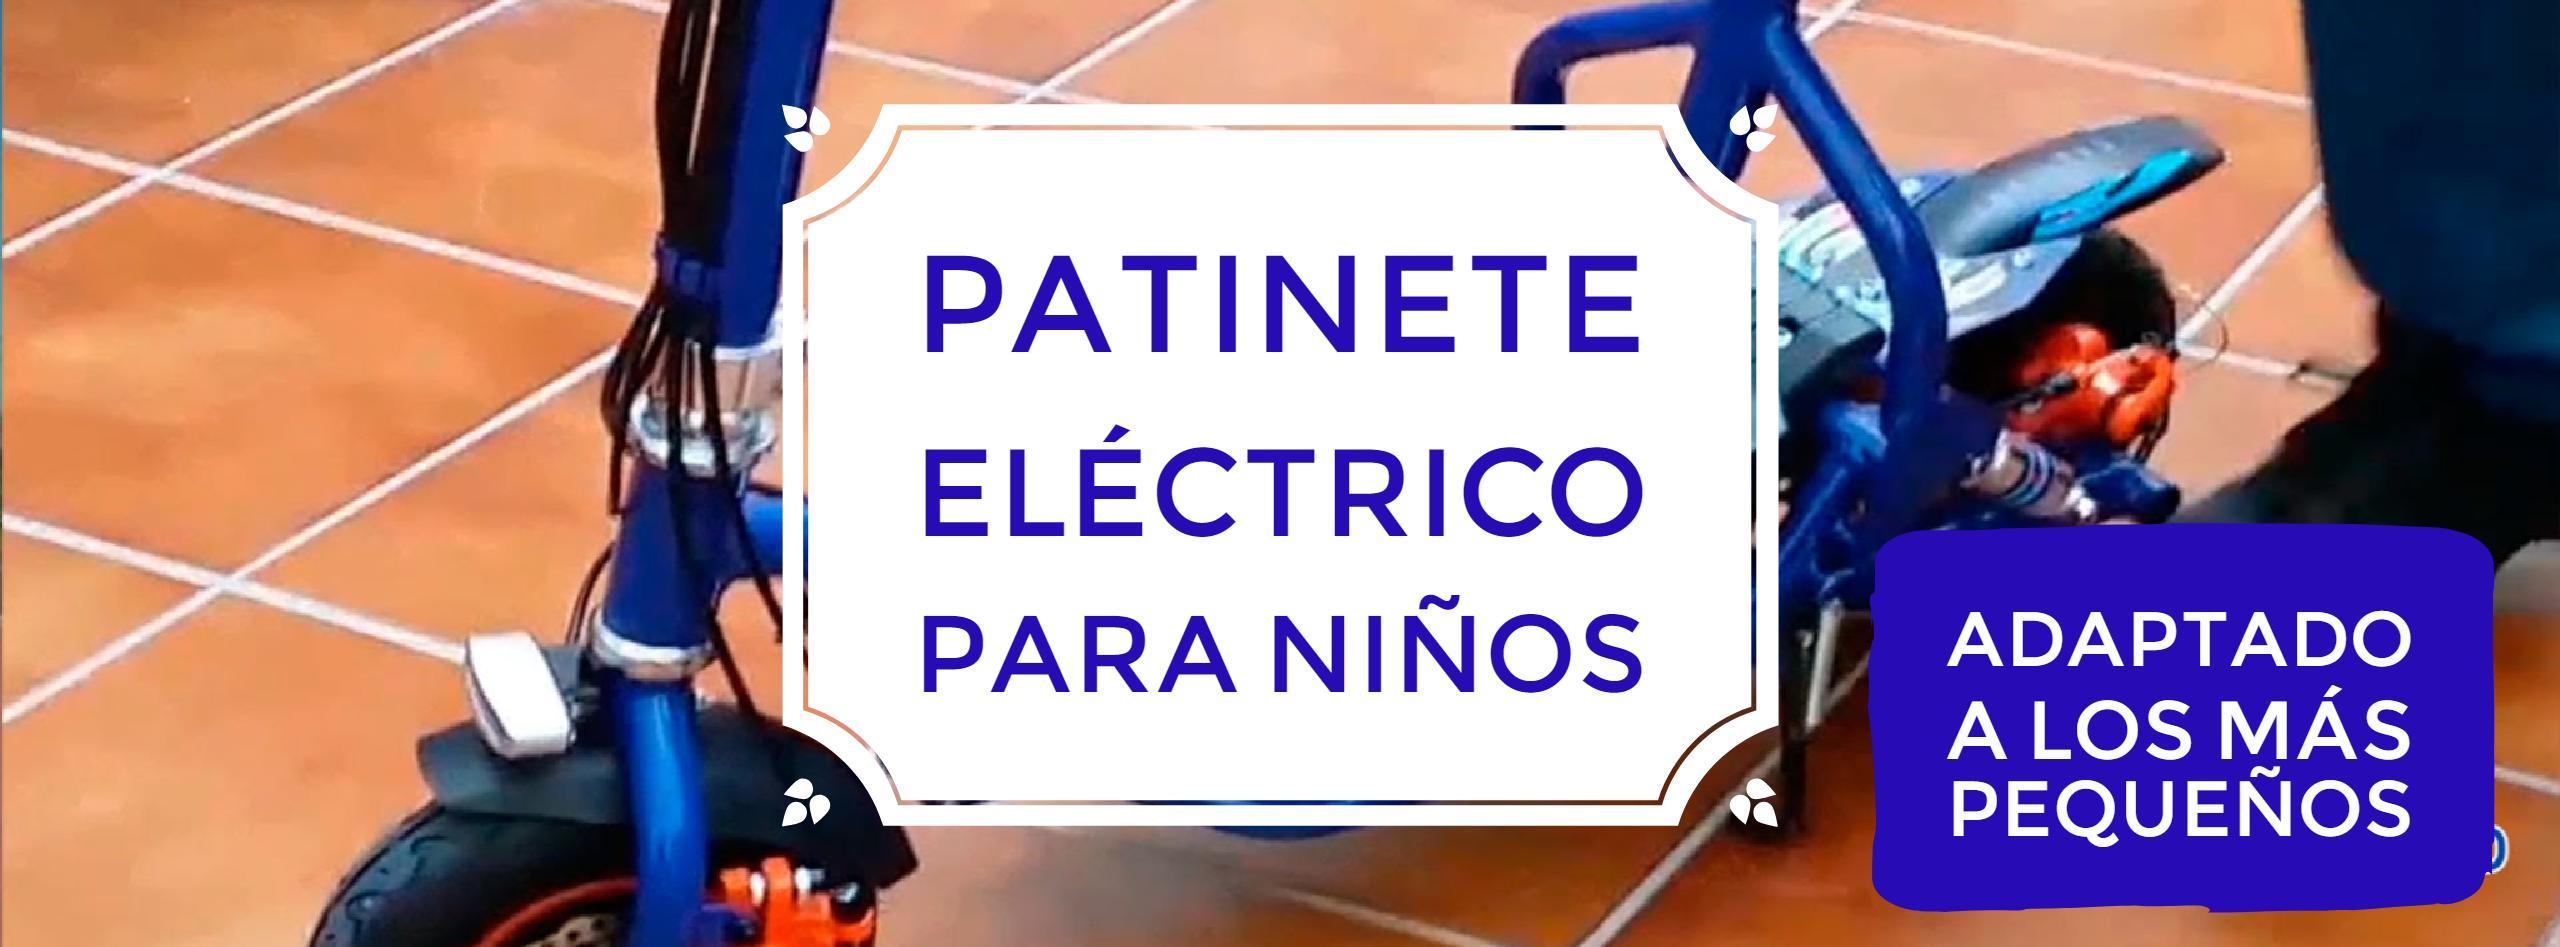 - Patinetes eléctricos para niños